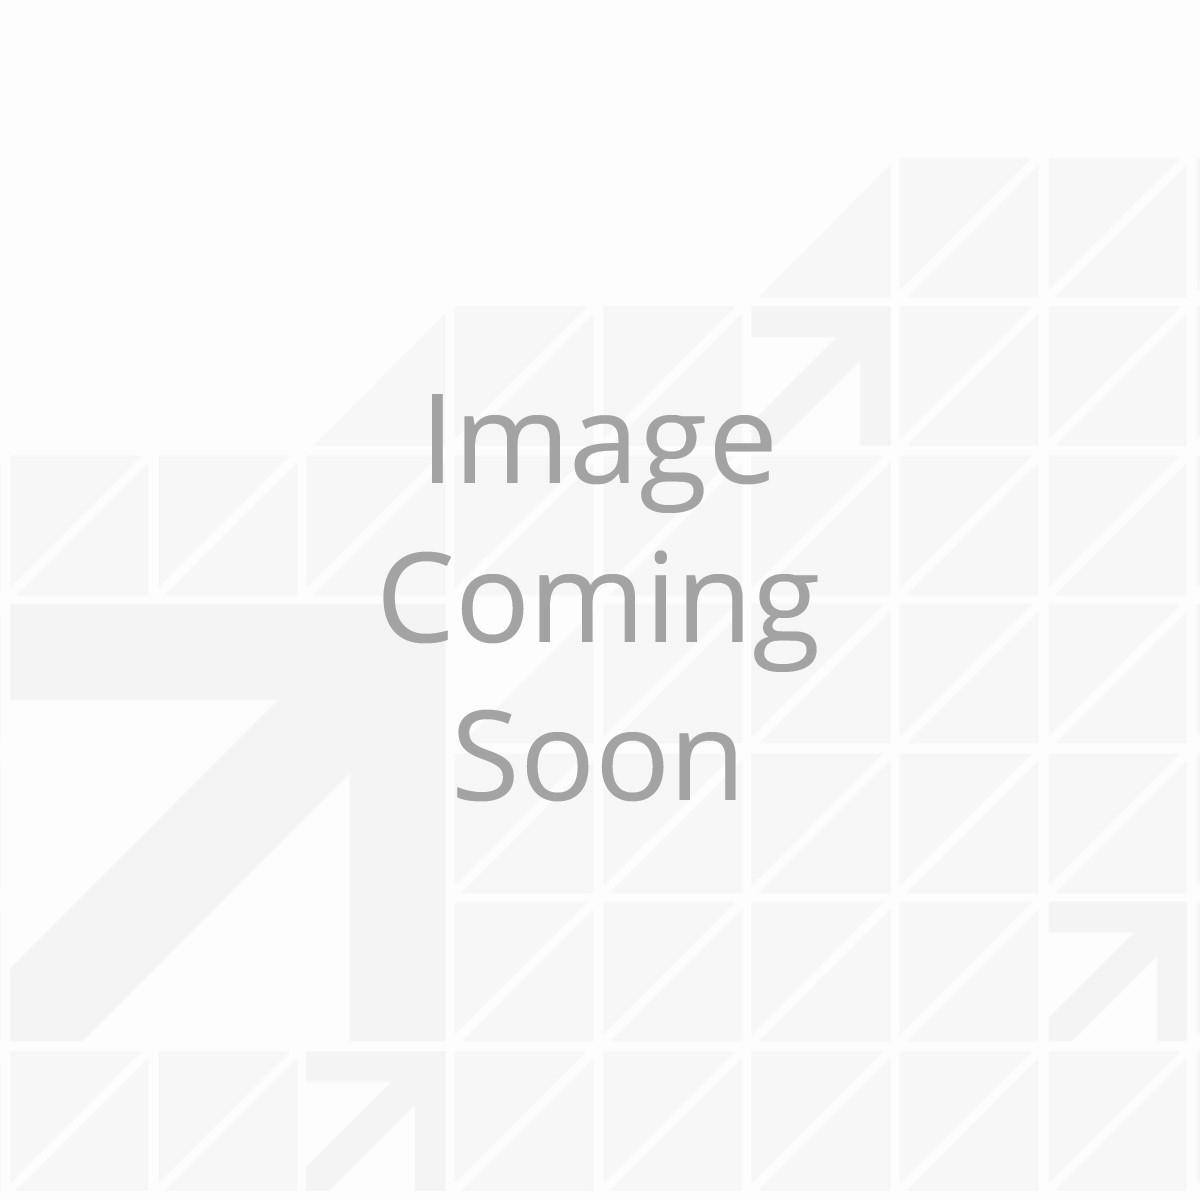 Axle Mounting Kit - Various Sizes